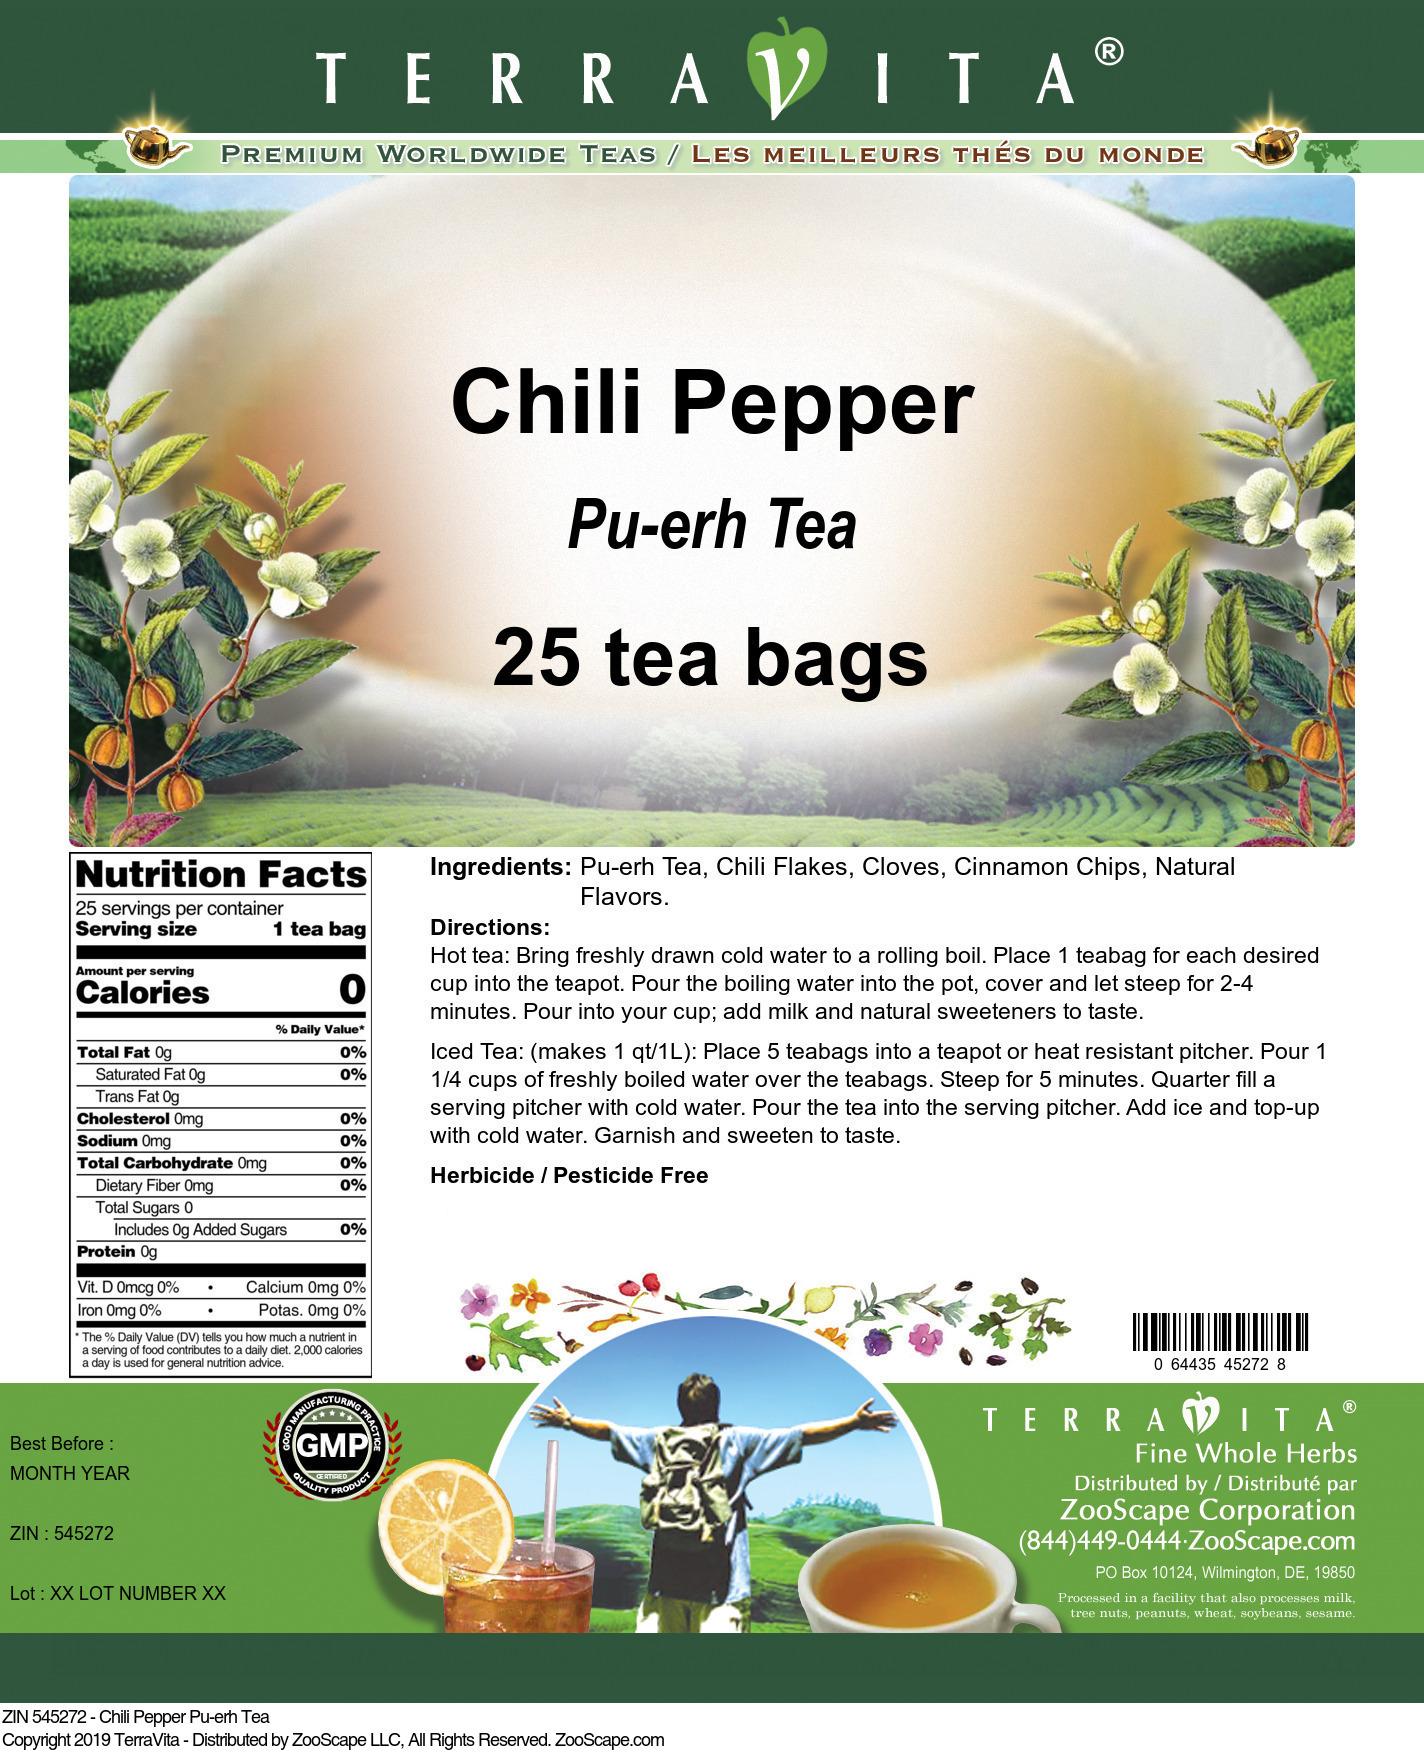 Chili Pepper Pu-erh Tea